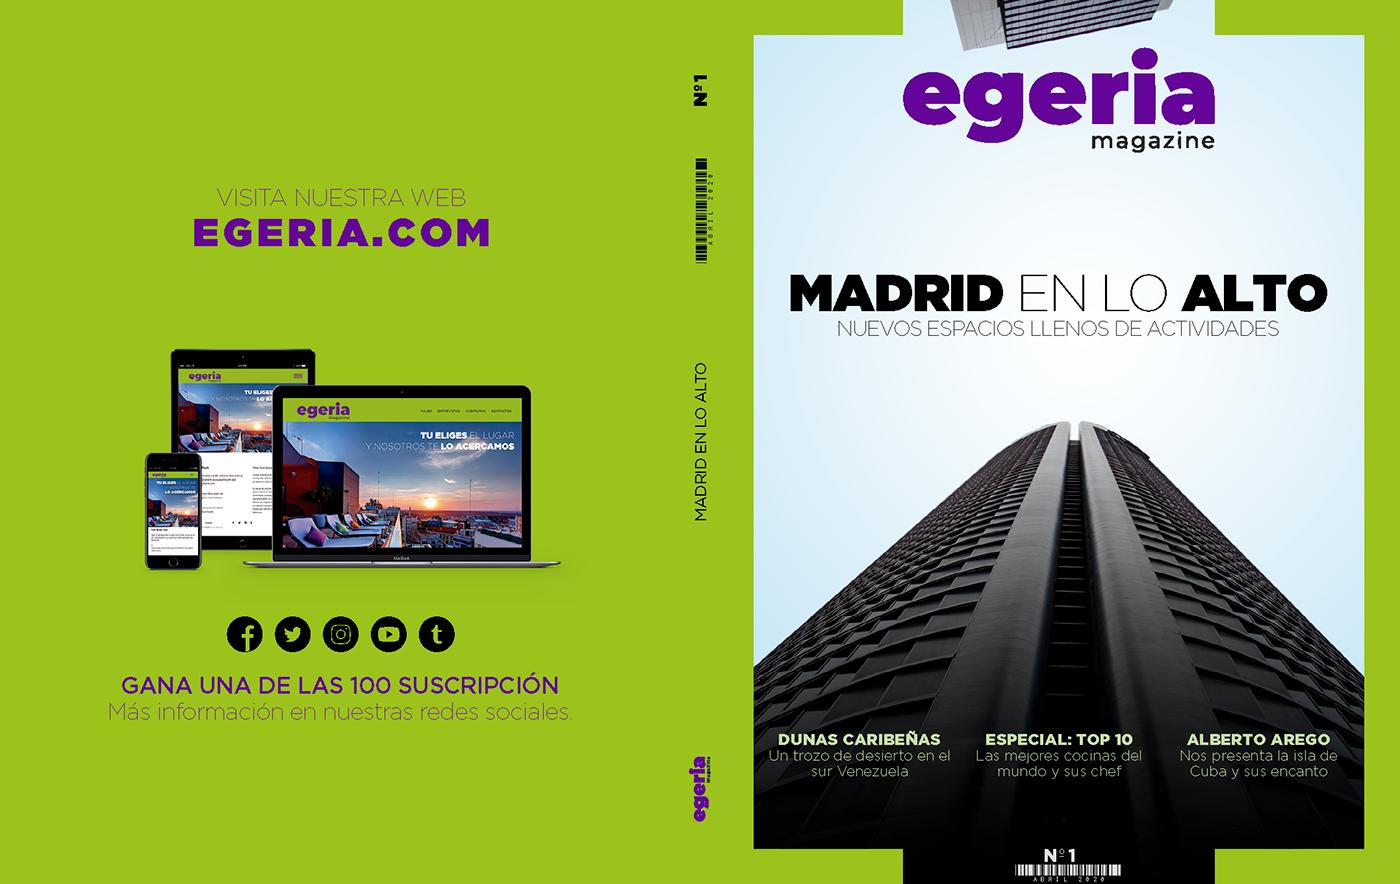 design editorial Illustrator InDesign magazine revista